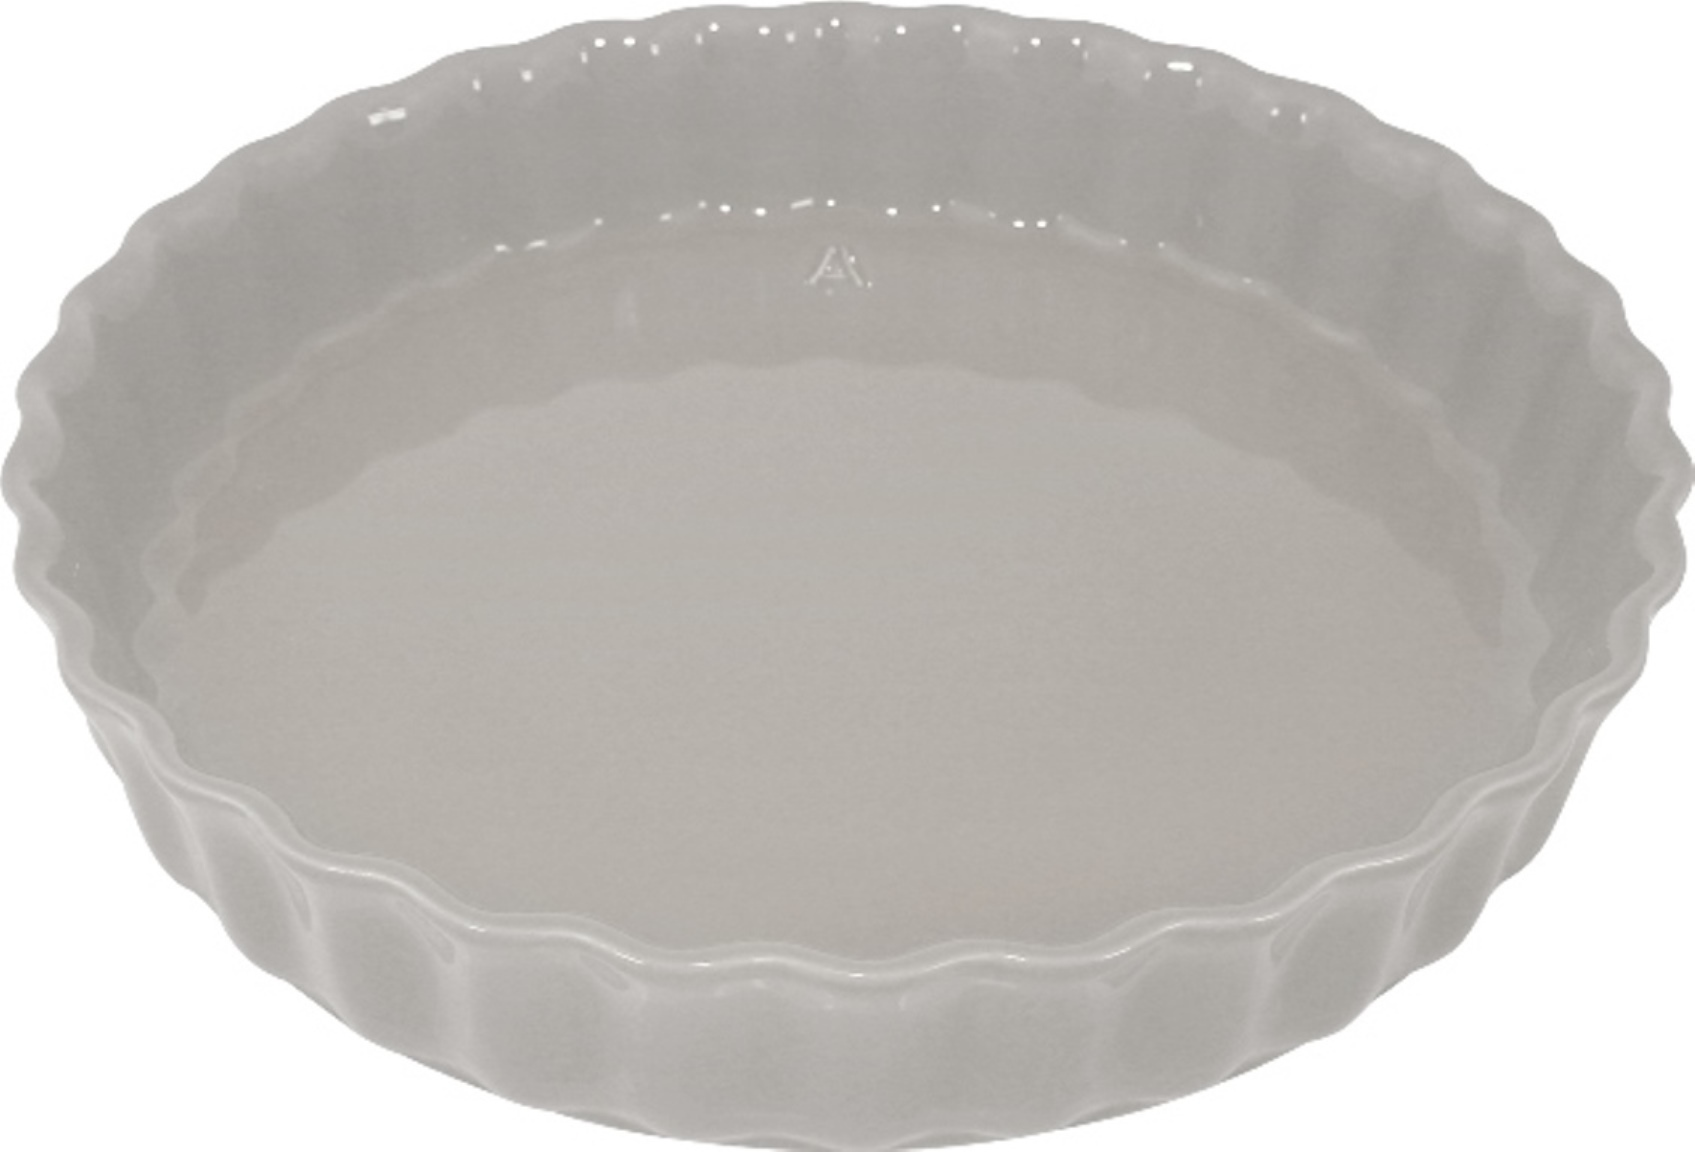 Форма для пирога 28 см Appolia Delices MEDIUM GREY 11028078Формы для запекания (выпечки)<br>Форма для пирога 28 см Appolia Delices MEDIUM GREY 11028078<br><br>Благодаря большому разнообразию изящных форм и широкой цветовой гамме, коллекция DELICES предлагает всевозможные варианты приготовления блюд для себя и гостей. Выбирайте цвета в соответствии с вашими желаниями и вашей кухне. Закругленные углы облегчают чистку. Легко использовать. Большие удобные ручки. Прочная жароустойчивая керамика экологична и изготавливается из высококачественной глины. Прочная глазурь устойчива к растрескиванию и сколам, не содержит свинца и кадмия. Глина обеспечивает медленный и равномерный нагрев, деликатное приготовление с сохранением всех питательных веществ и витаминов, а та же долго сохраняет тепло, что удобно при сервировке горячих блюд.<br>